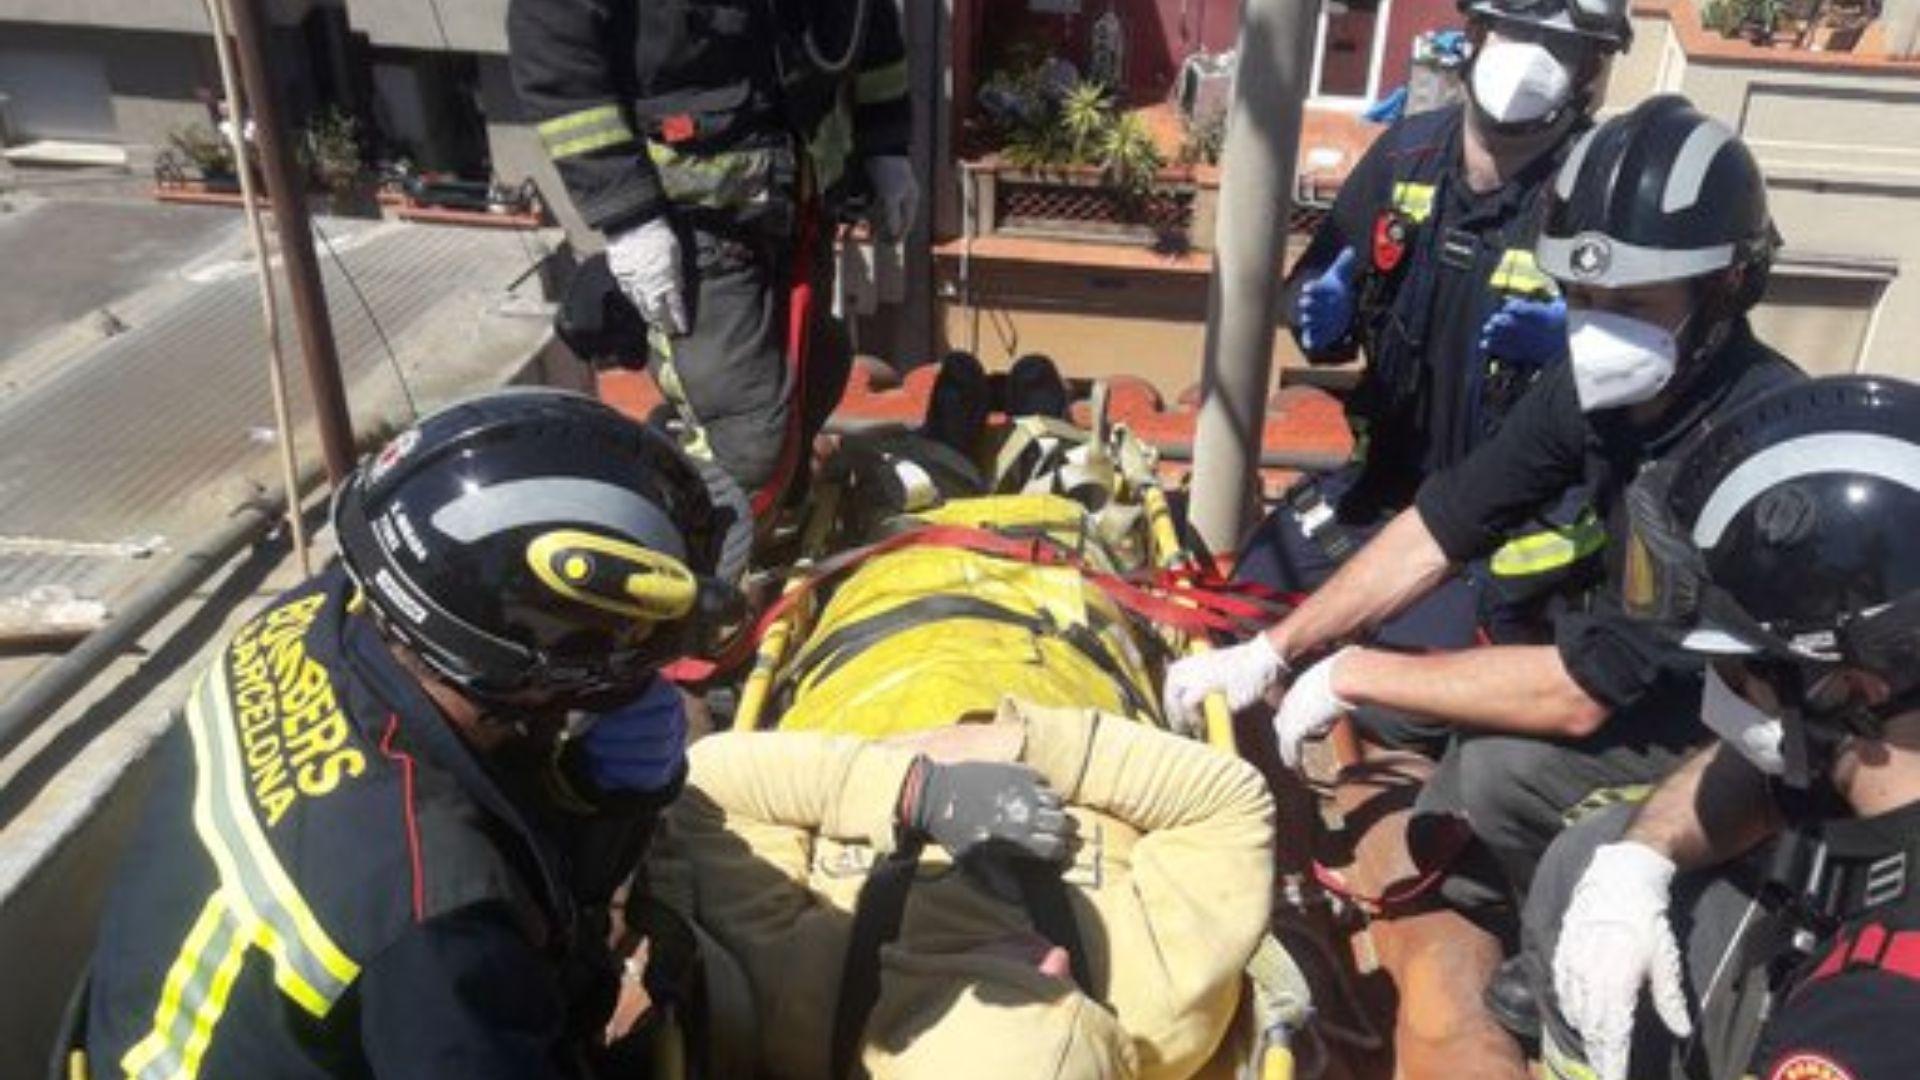 Imatge del rescat d'un treballador ferit mentre treballava en una teulada